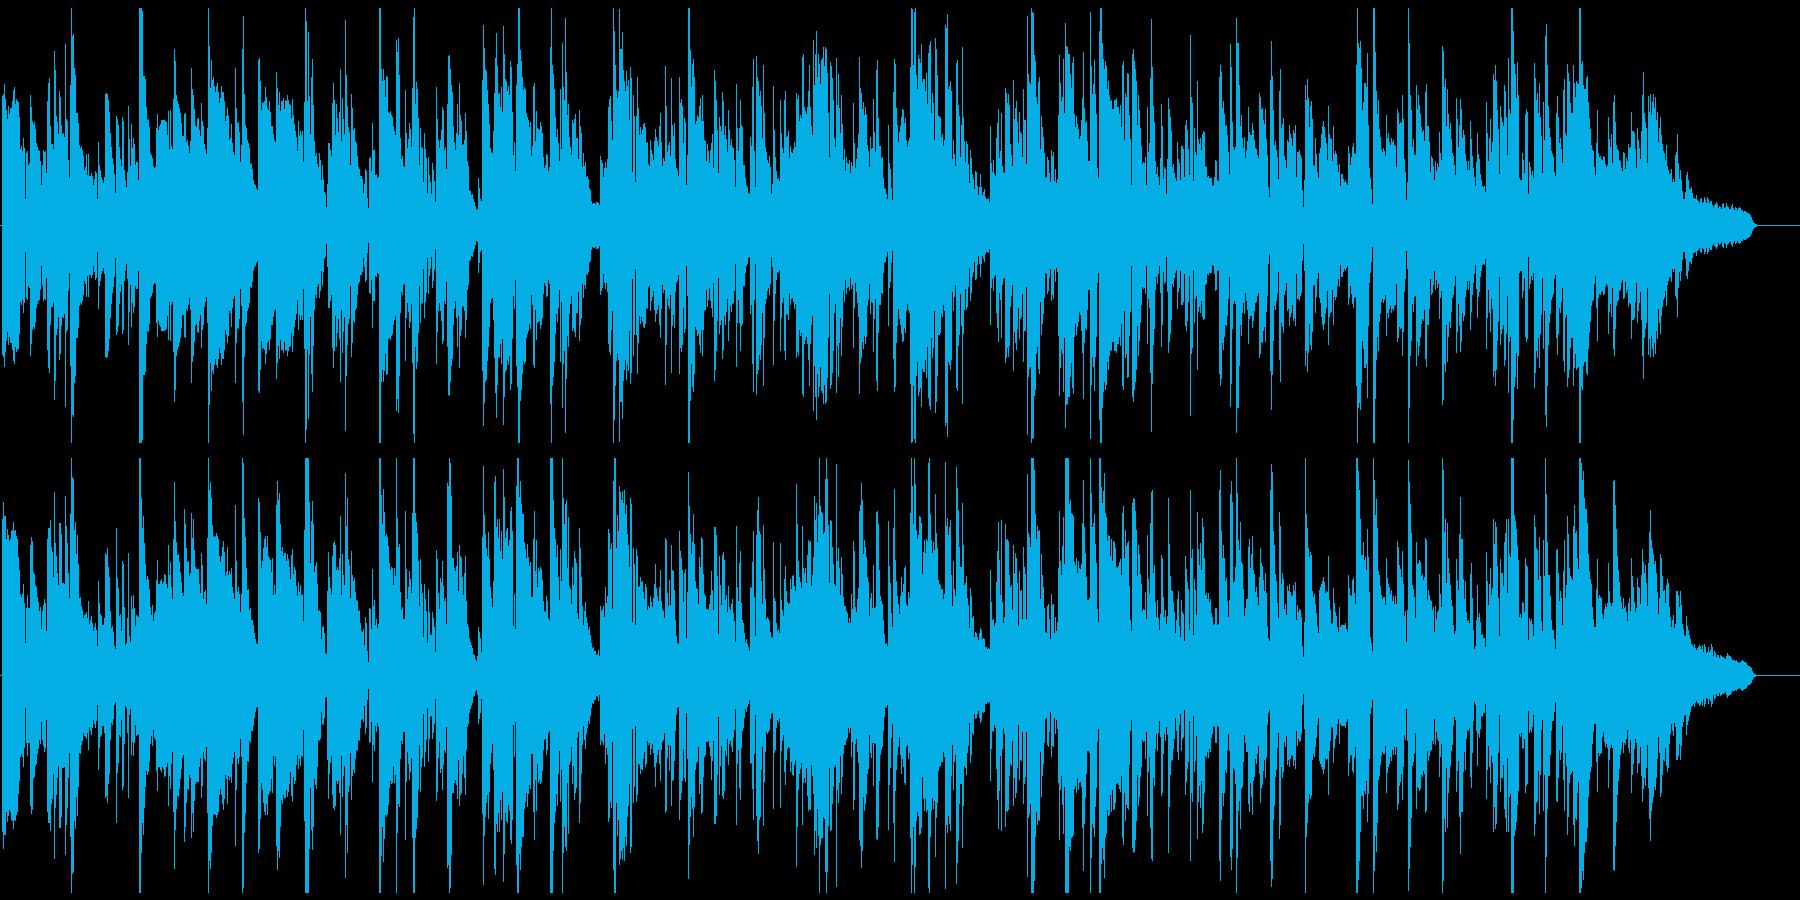 ムードある素敵なシーン向けジャズバラードの再生済みの波形